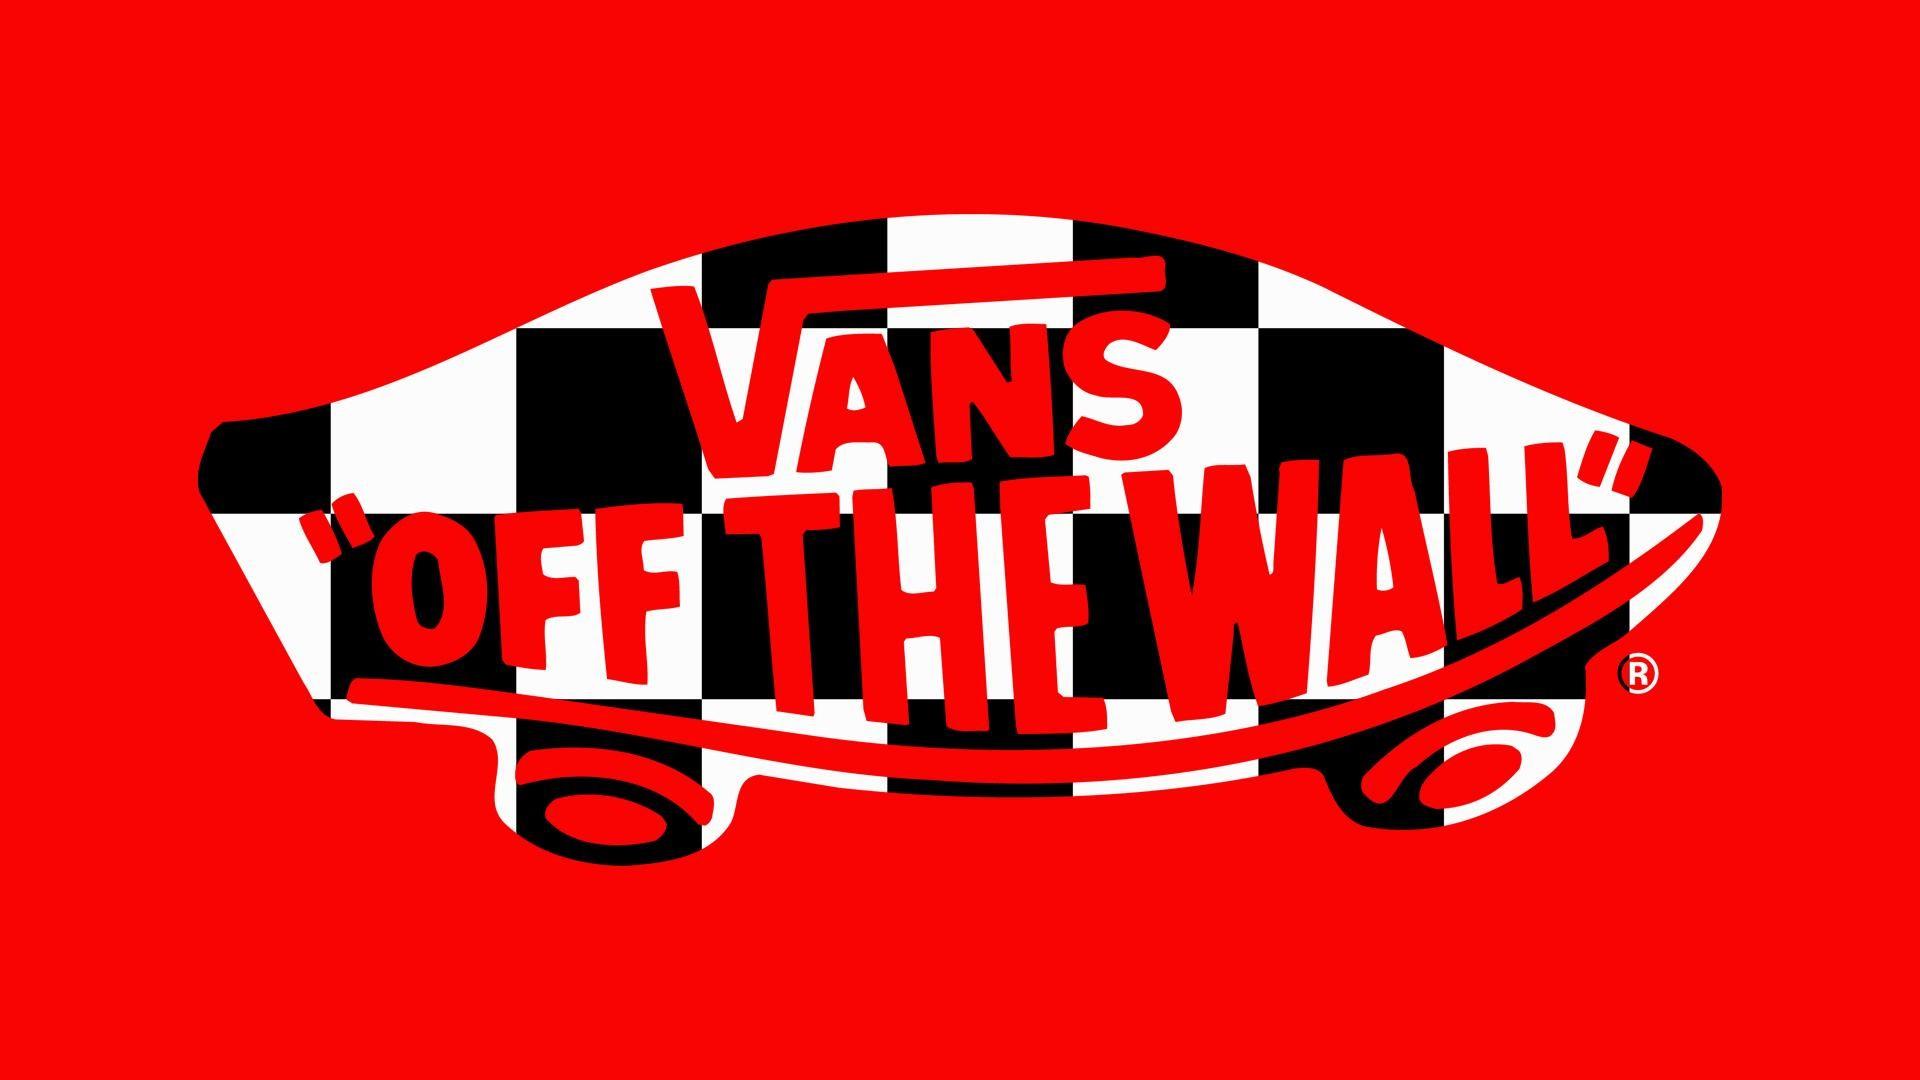 Skate-ahoodie-vans-logo-wallpapers